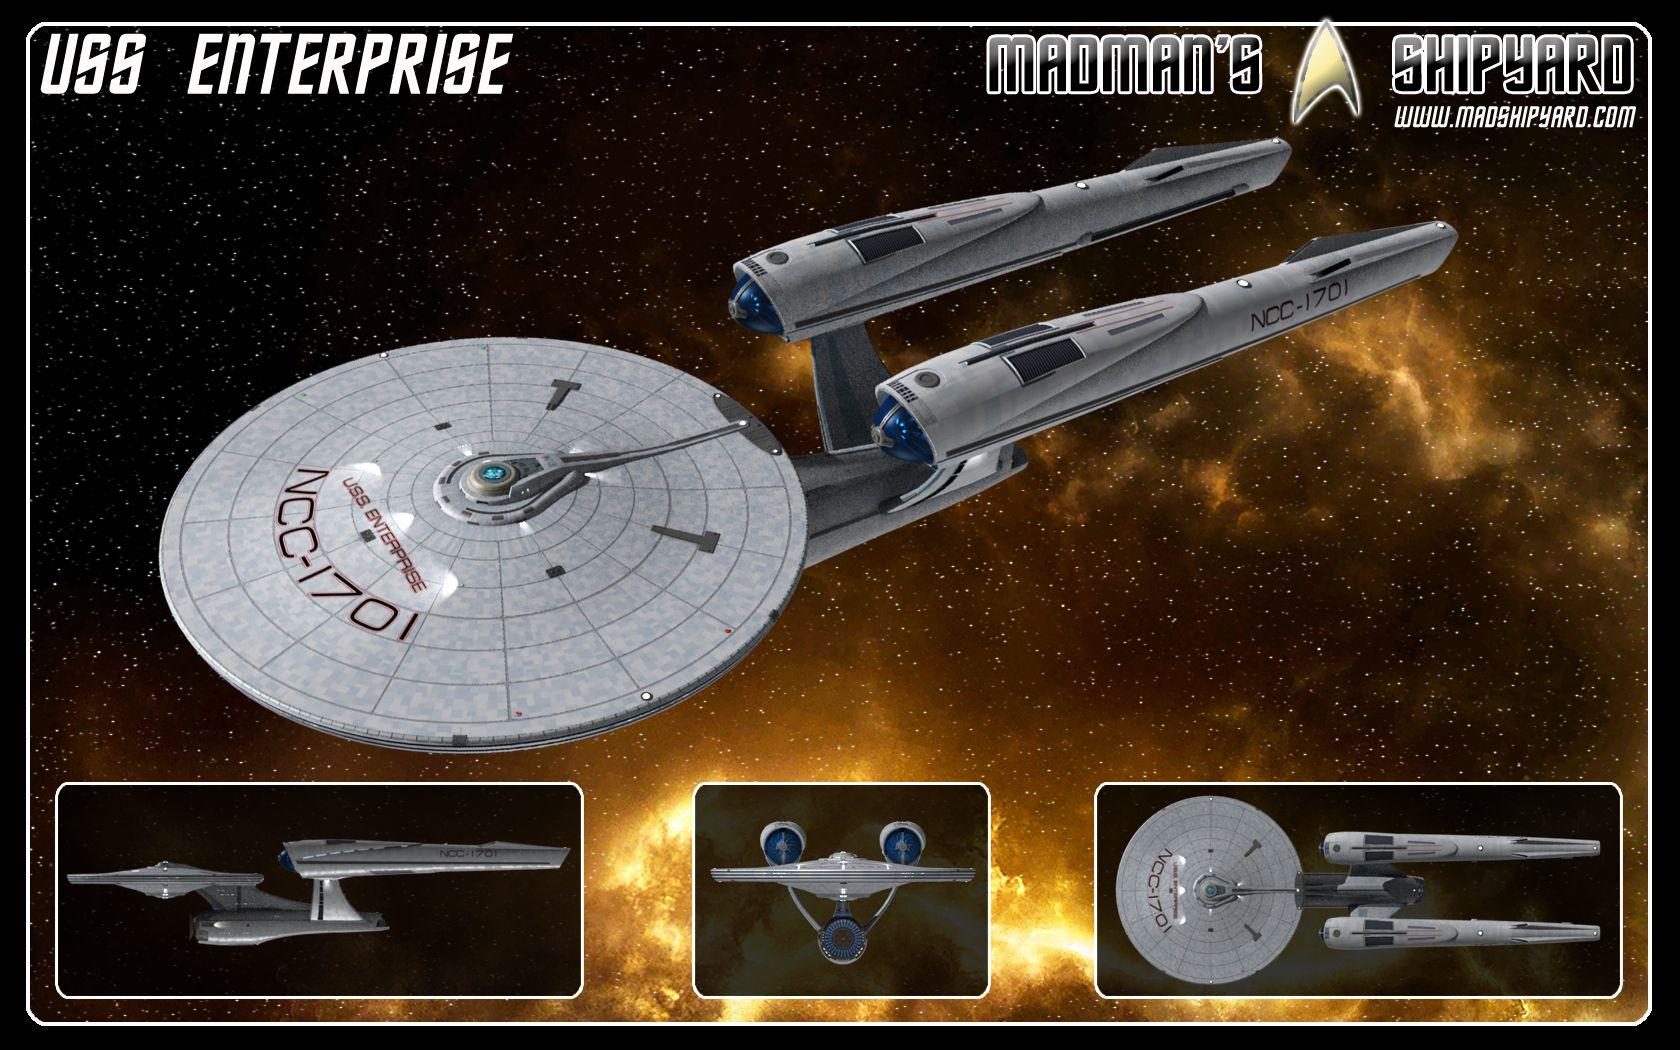 reimagined uss enterprise ncc - photo #31